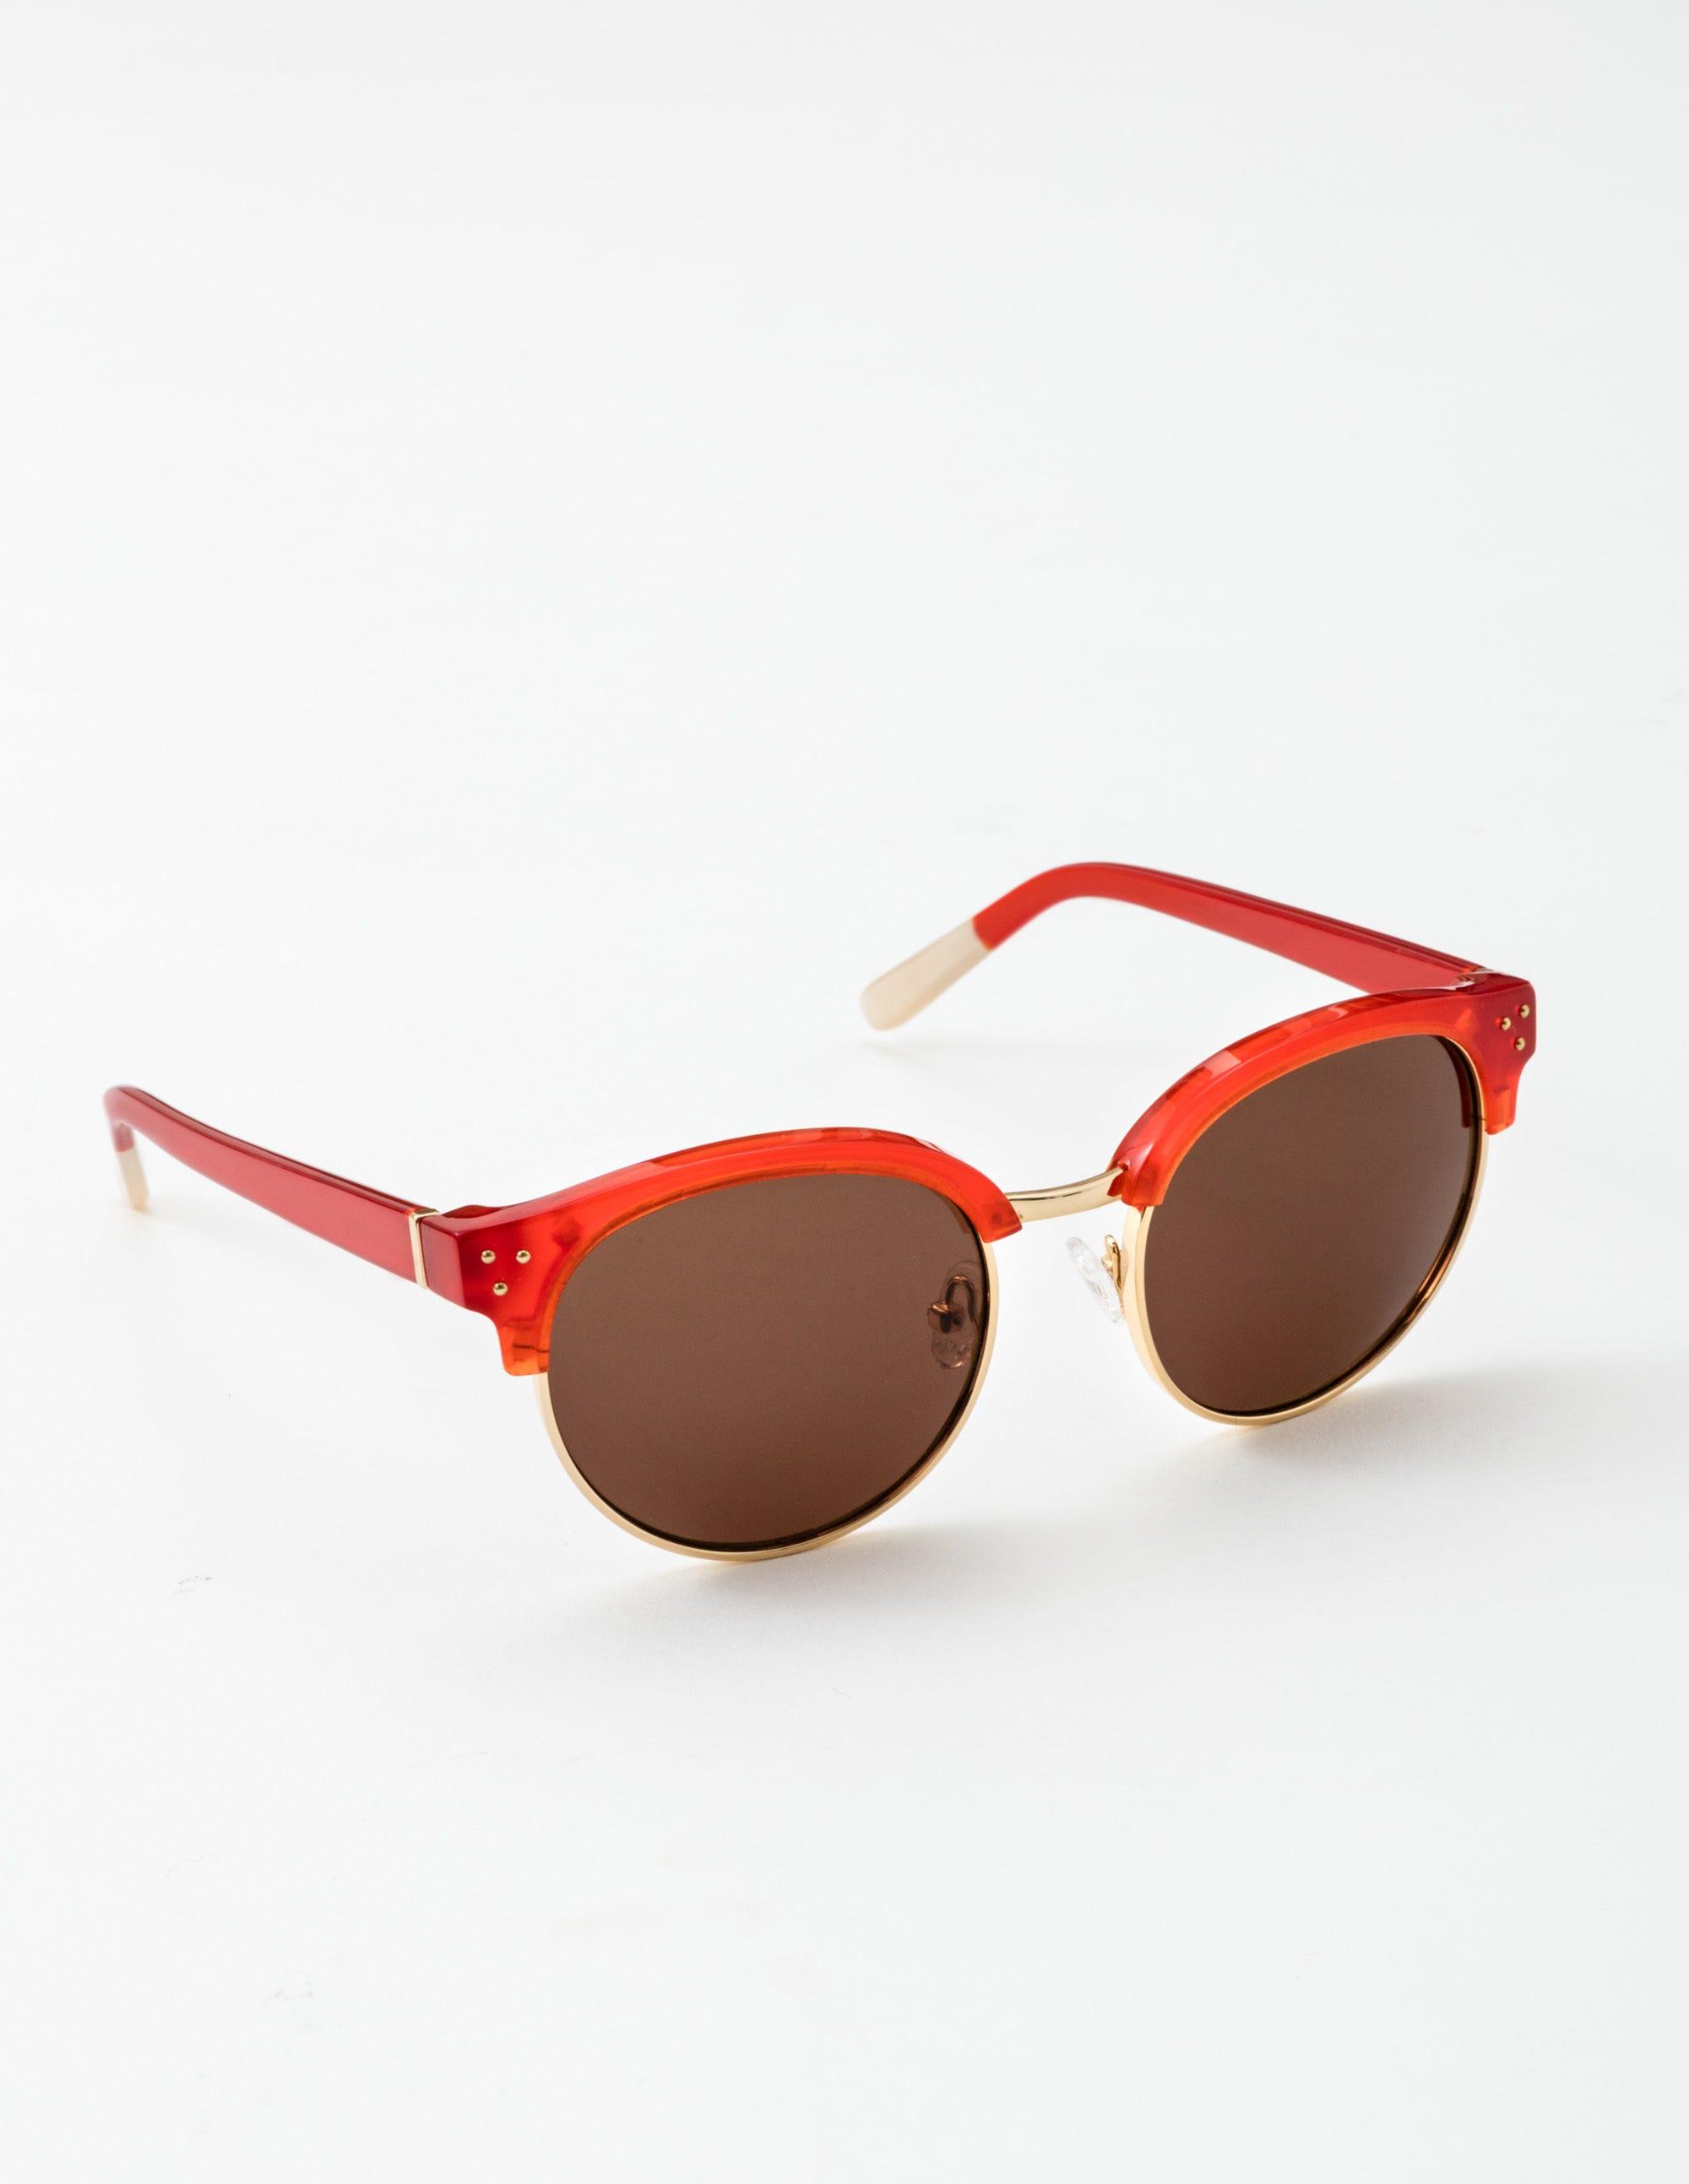 Sonnenbrille baby preisvergleich die besten angebote for Boden versand mode